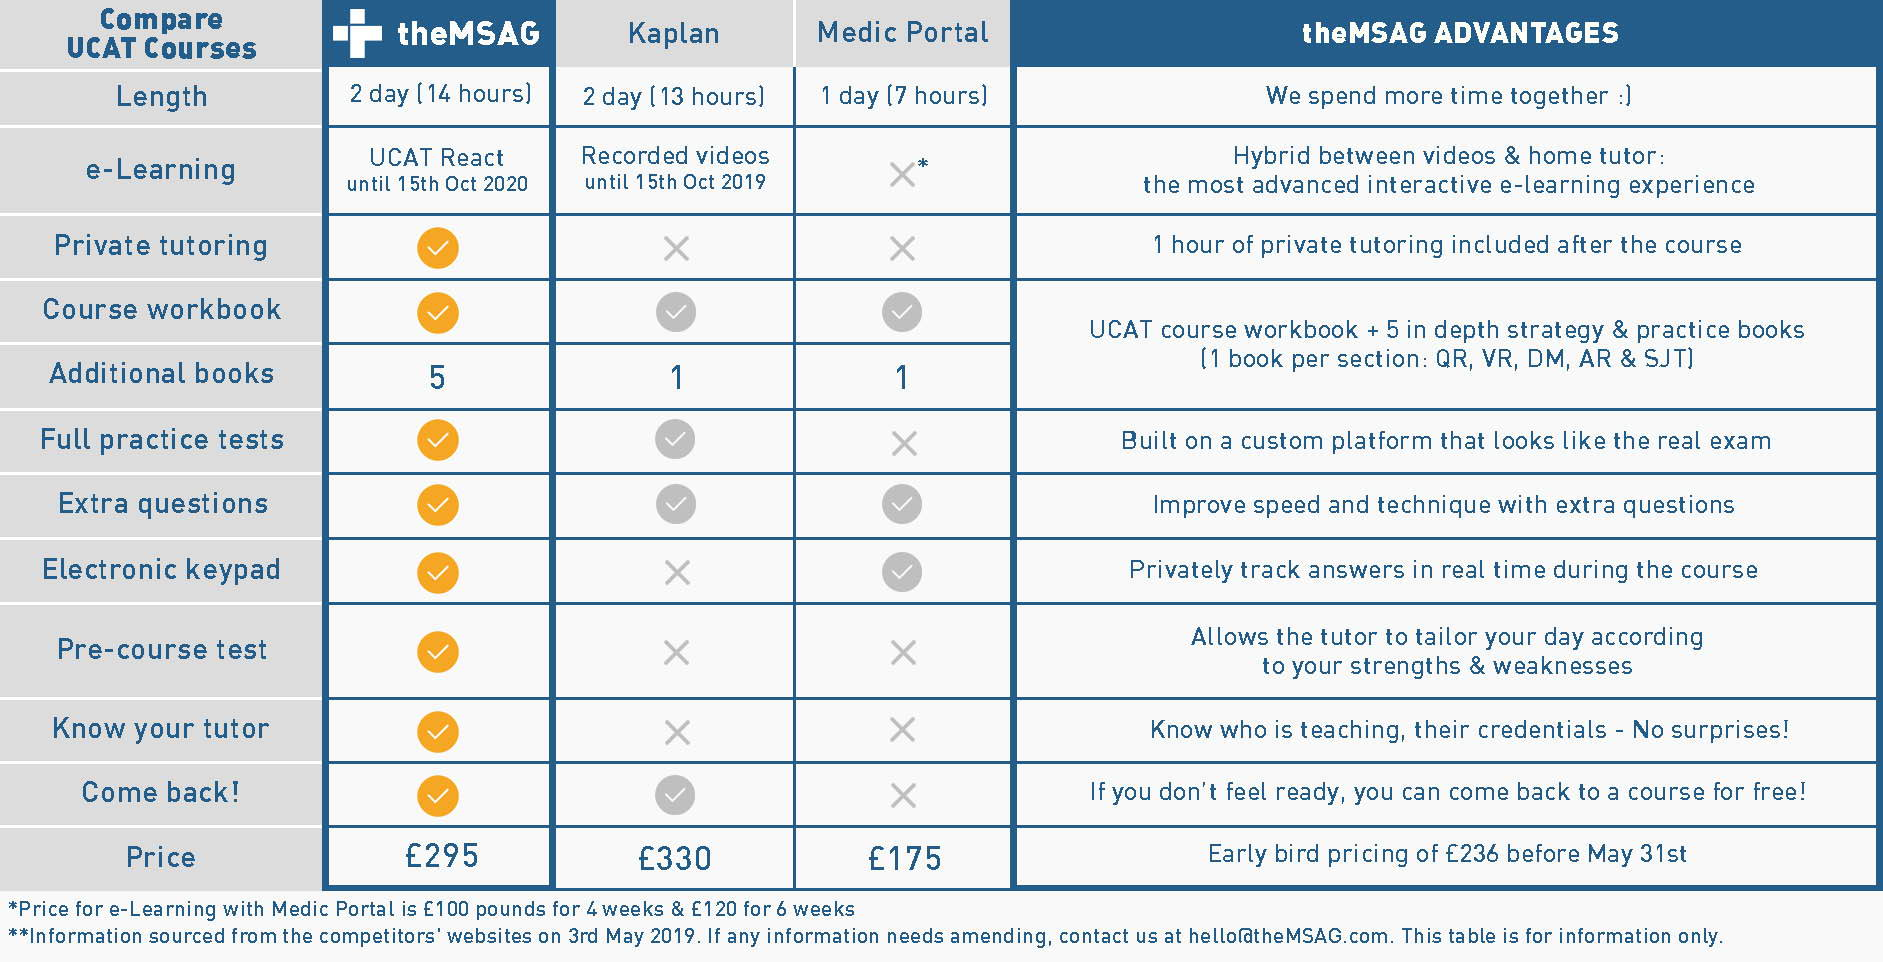 ucat-course-comparison